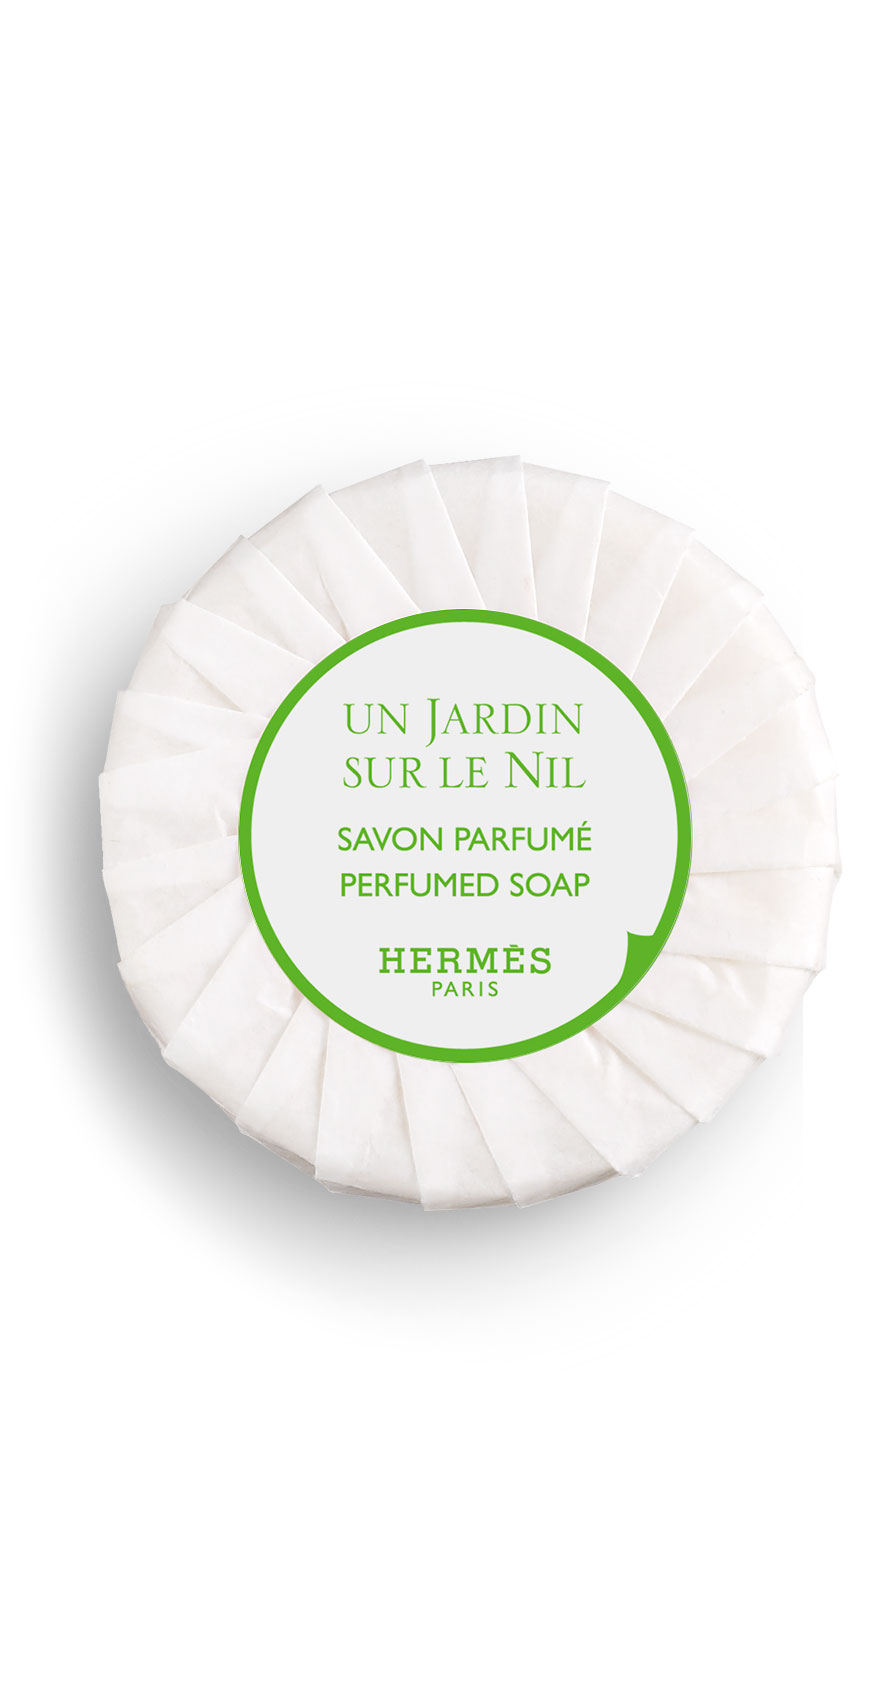 Hermès - Un Jardin sur le Nil - Savon parfumé 50 gr et 25 gr.